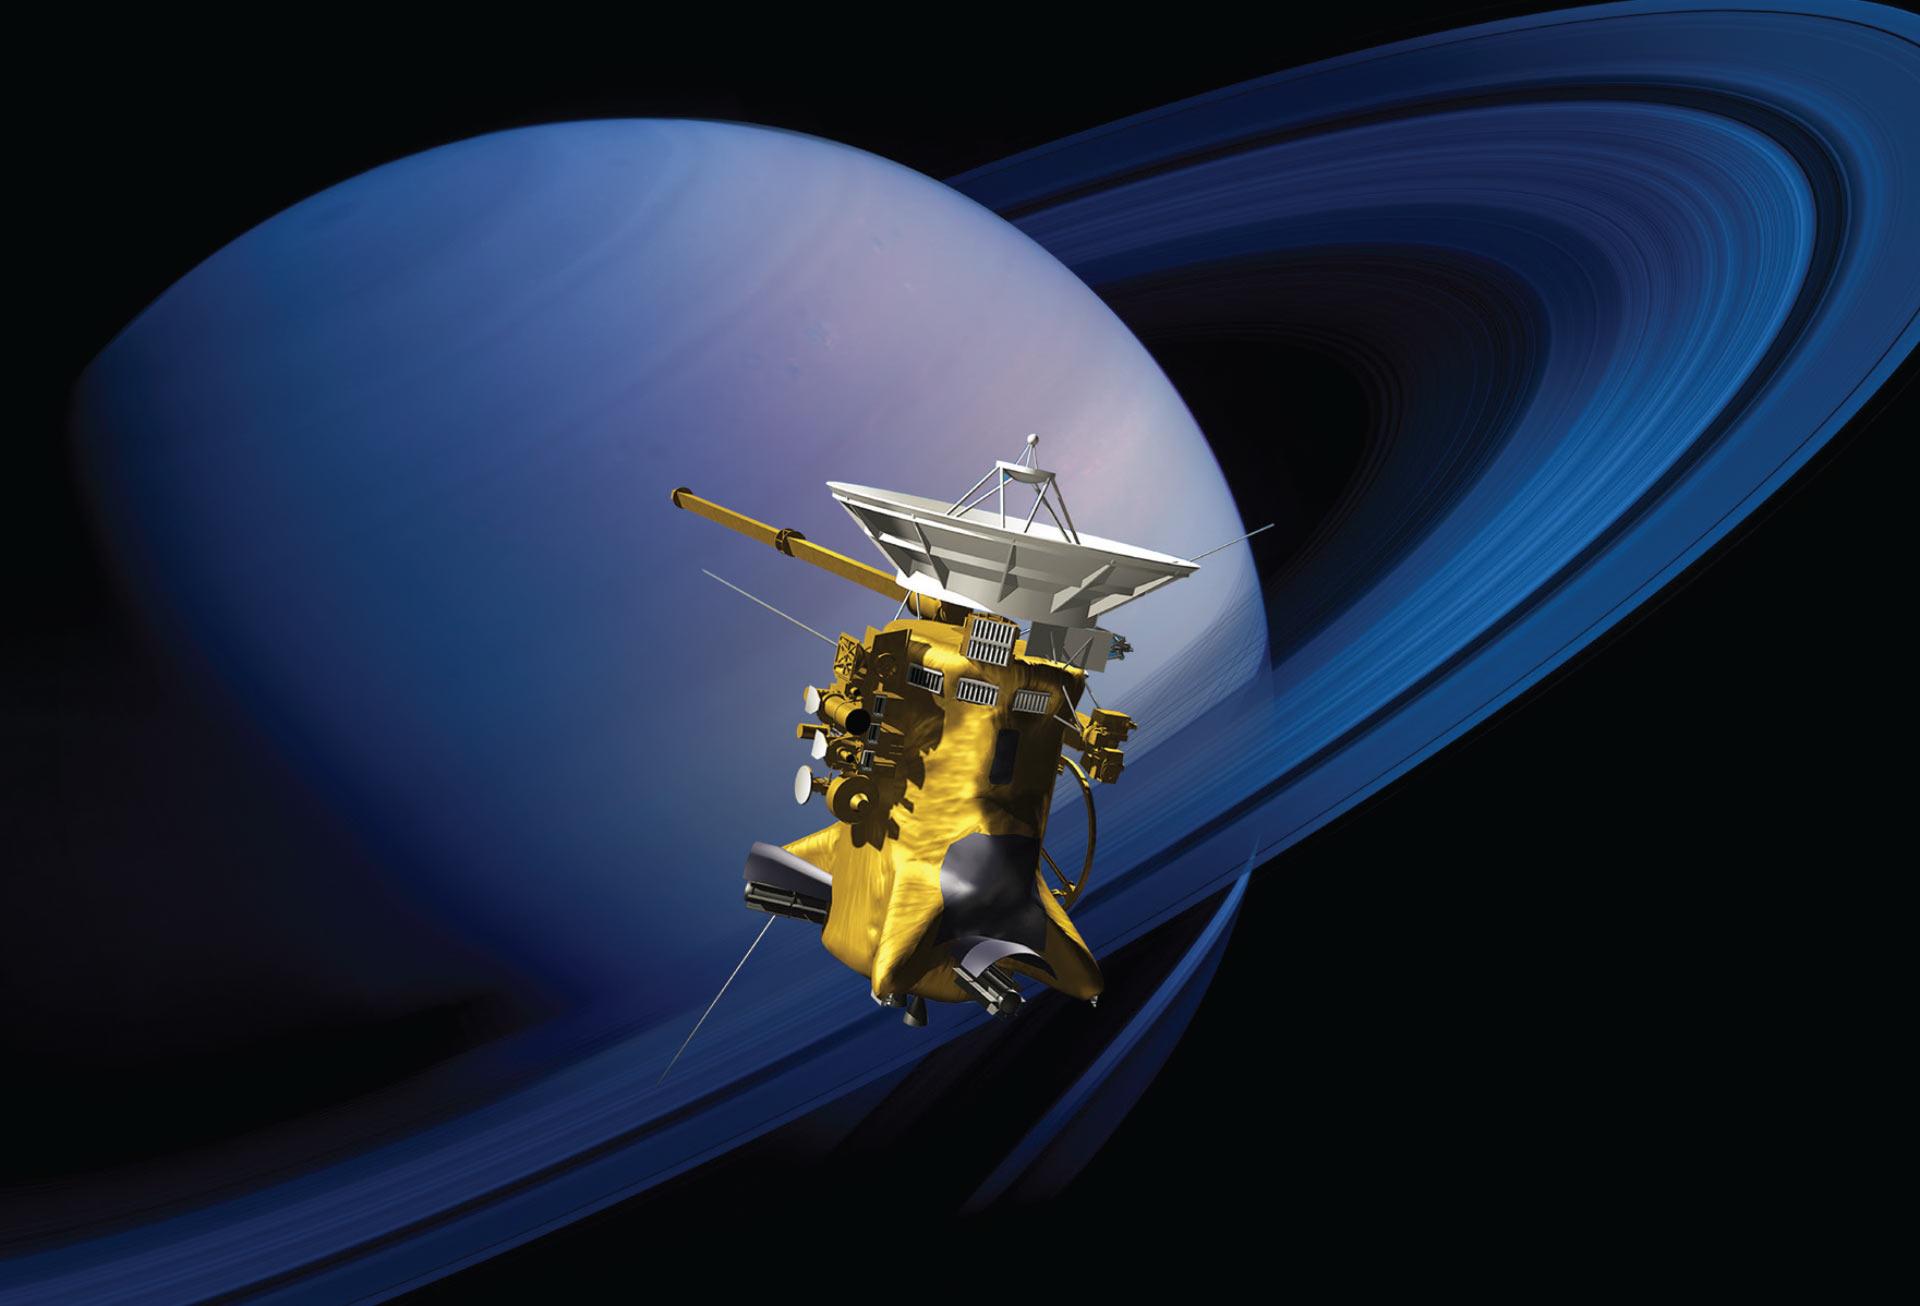 المسبار كاسيني - كوكب زحل